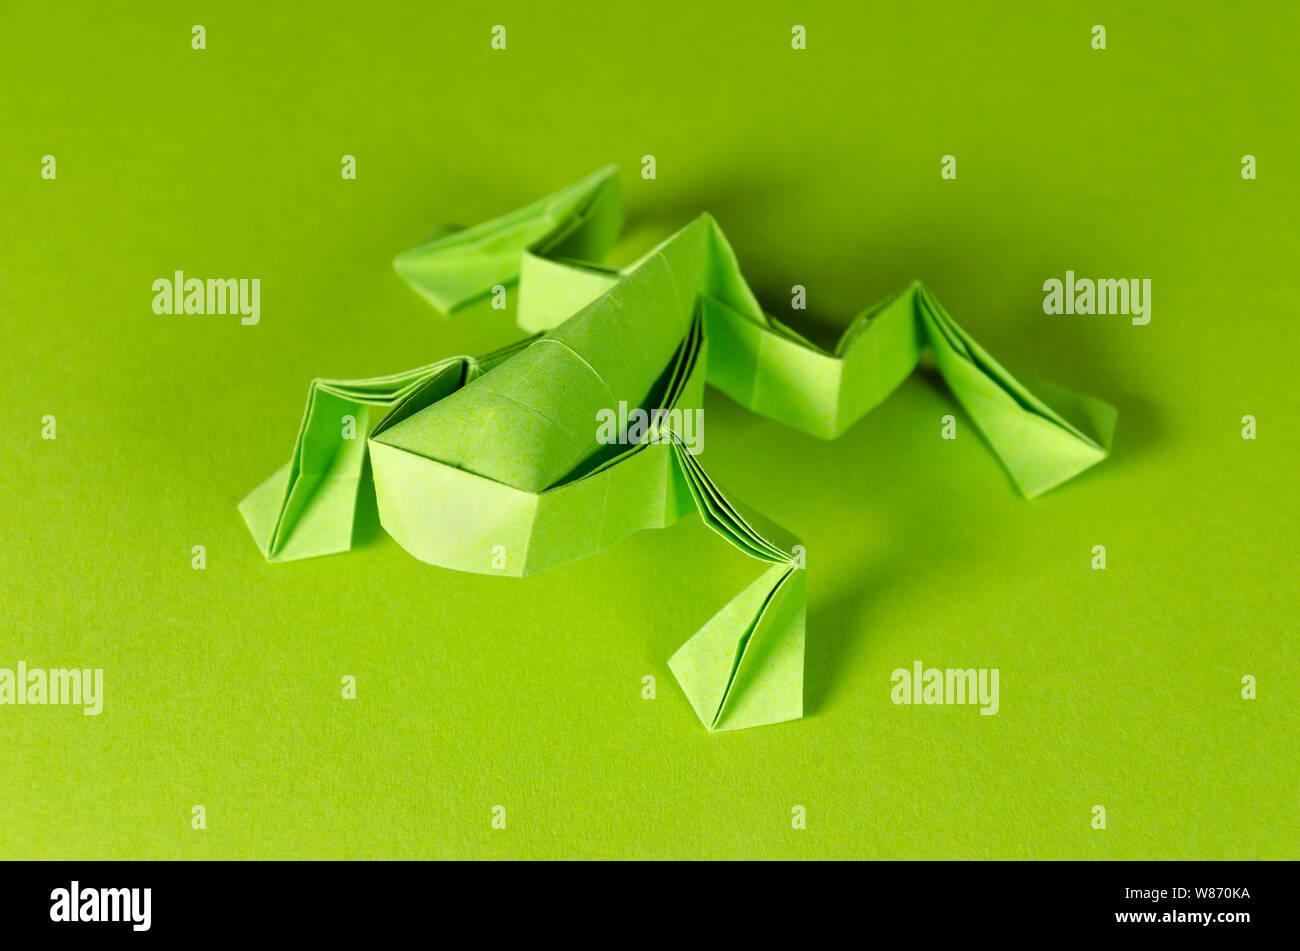 Grune Origami Frosch Auf Grunem Hintergrund Japanische Kunst Des Papierfaltens Flache Quadratische Blatt Papier In Fertige Skulptur Durch Falten Ubertragen Stockfotografie Alamy